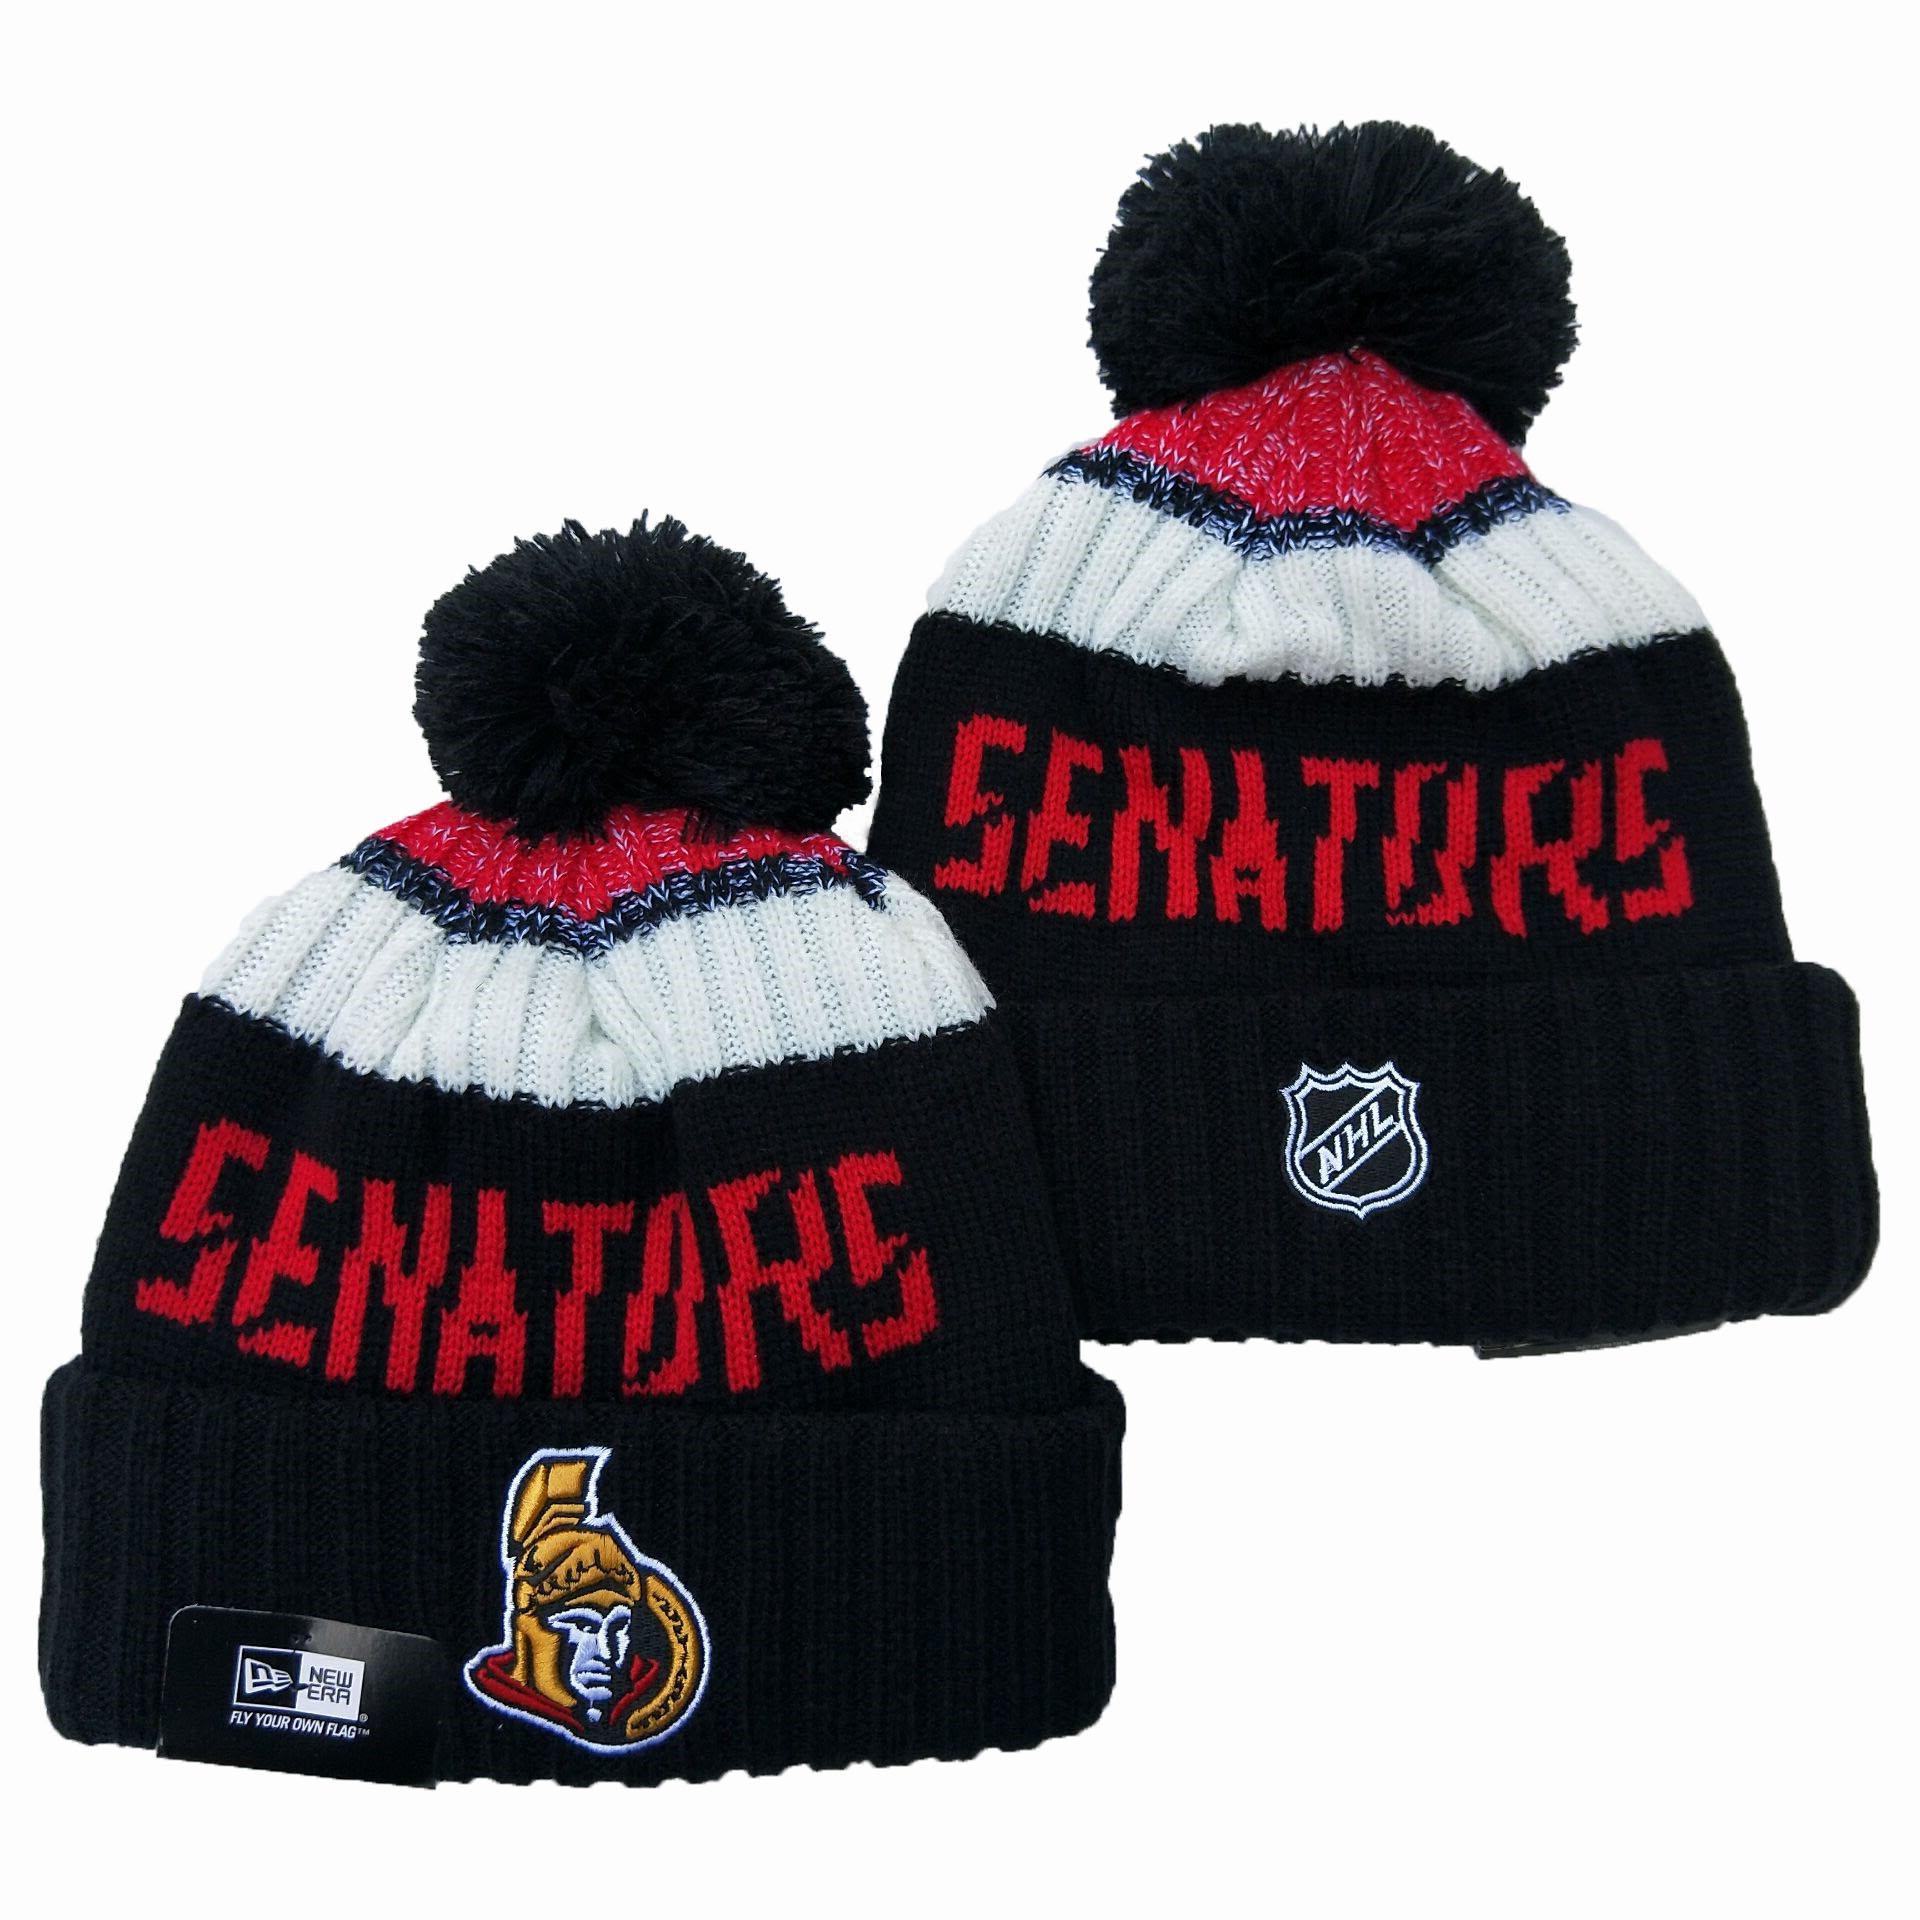 Seahawks Team Logo Black Pom Knit Hat YD